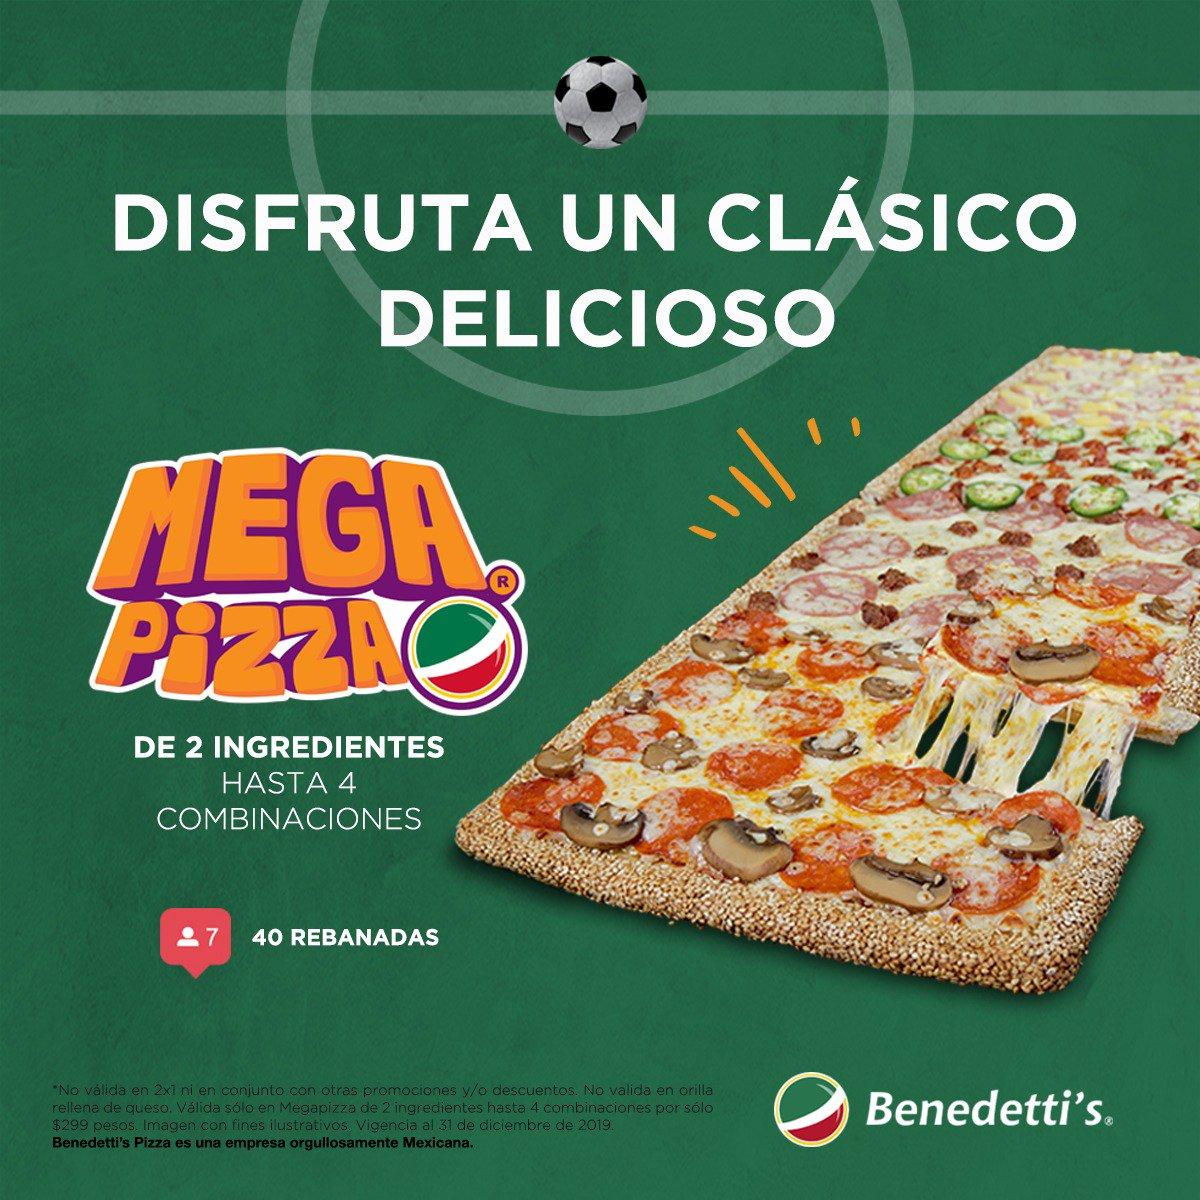 Vive la intensidad del fútbol ⚽️ con una deliciosa #MegaPromoción 😋 Únicamente en #BenedettisPizza 🍕 #FelizDomingo #ClasicoCapitalino  📱💻Pide en línea http://online.benedettis.com  💻💻